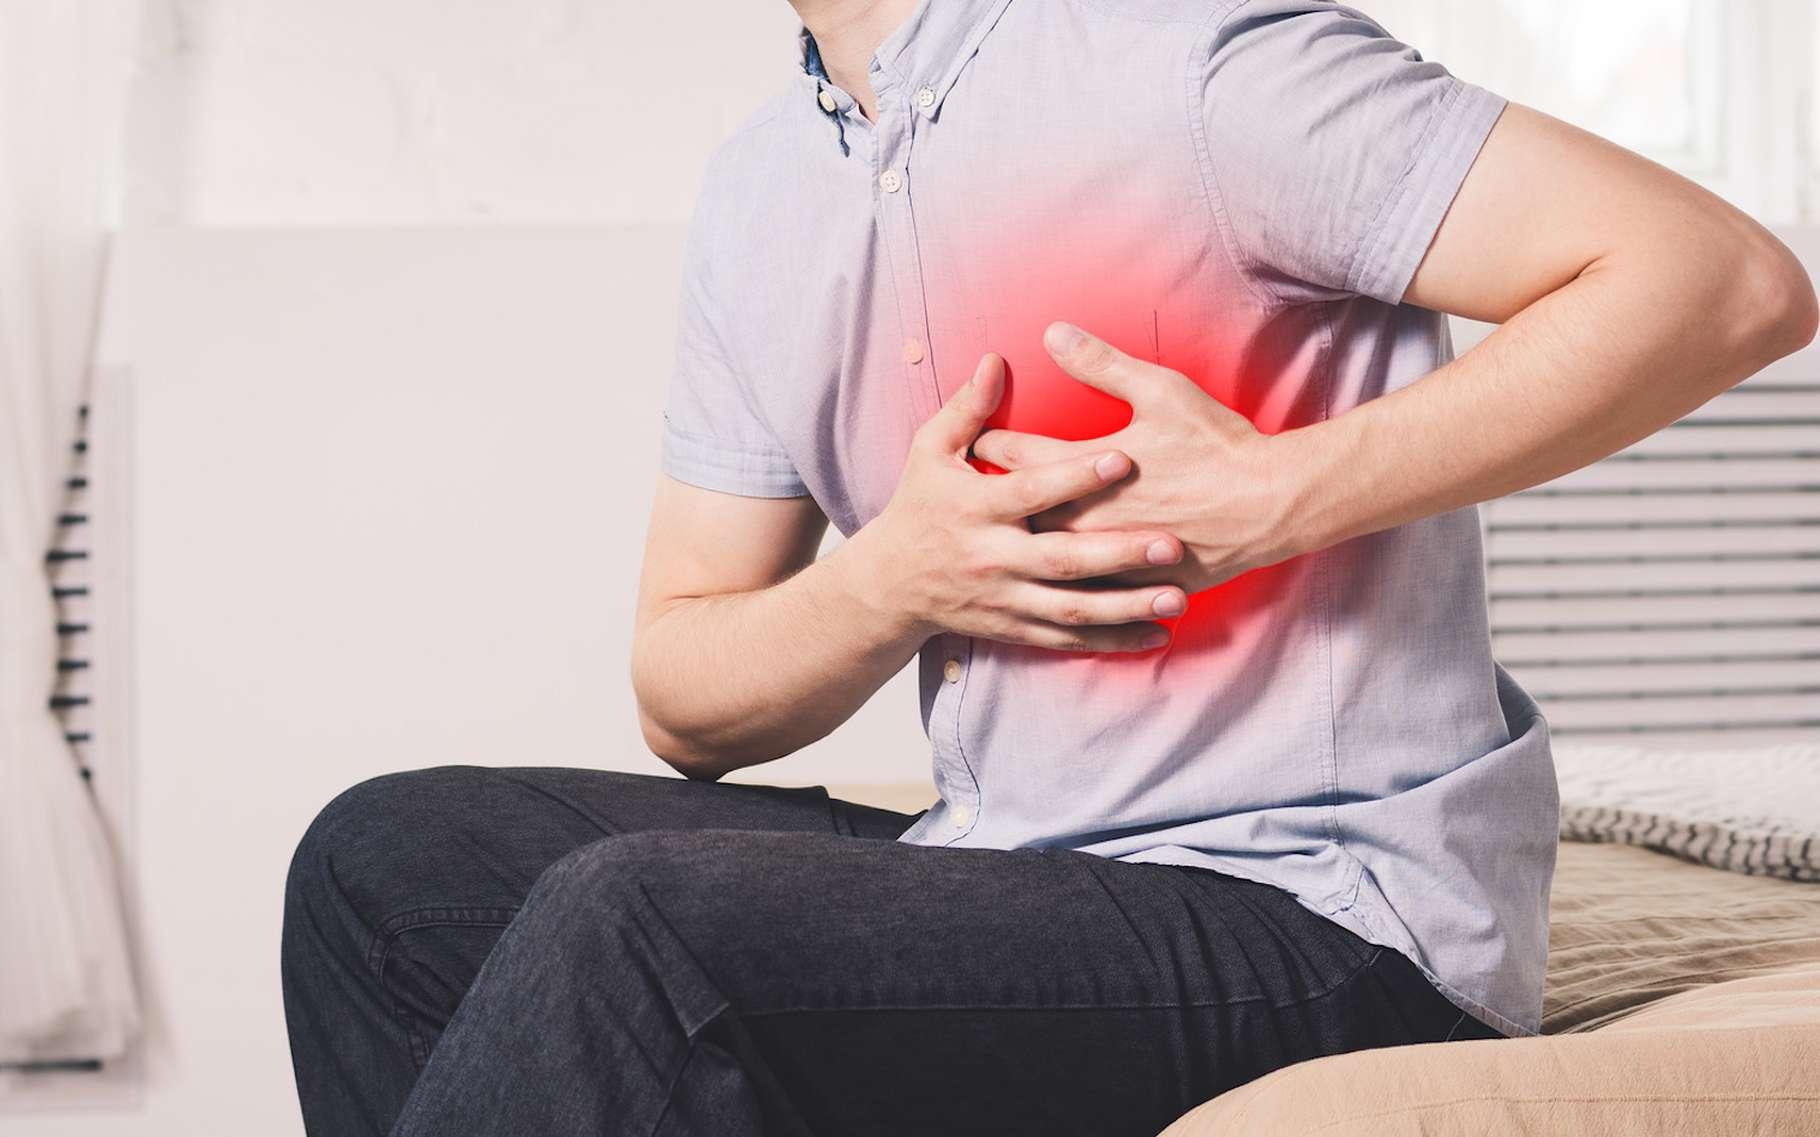 Les fluoroquinolones seraient responsables de la survenue de deux pathologies cardiovasculaires. © staras, Fotolia